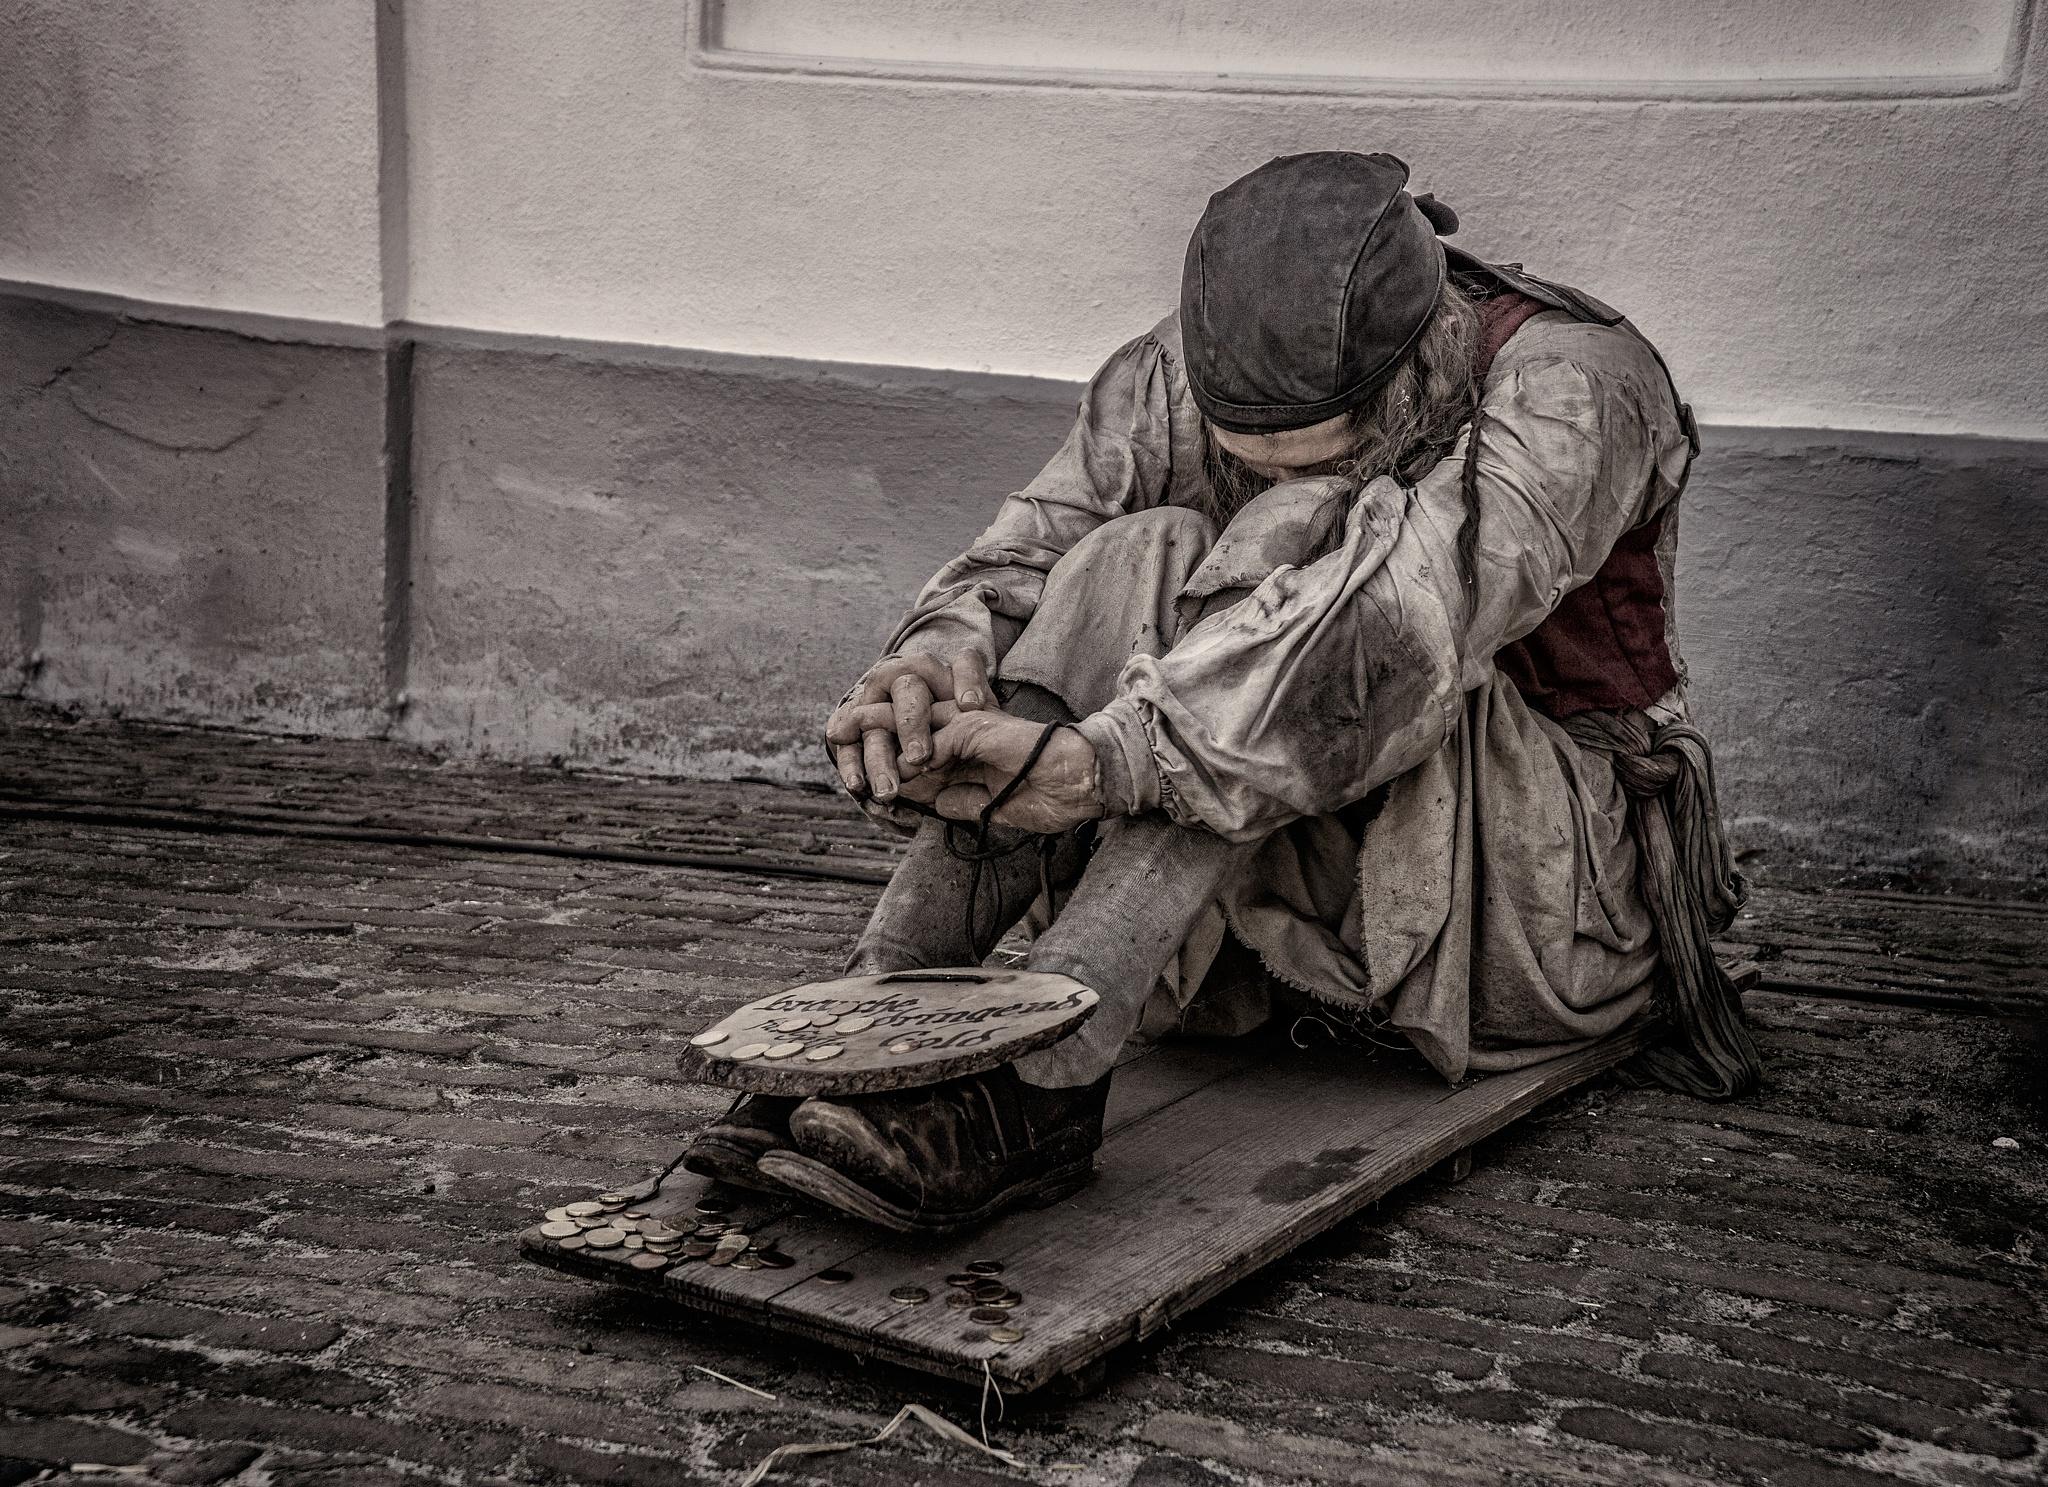 Homeless by Joop Nijhof